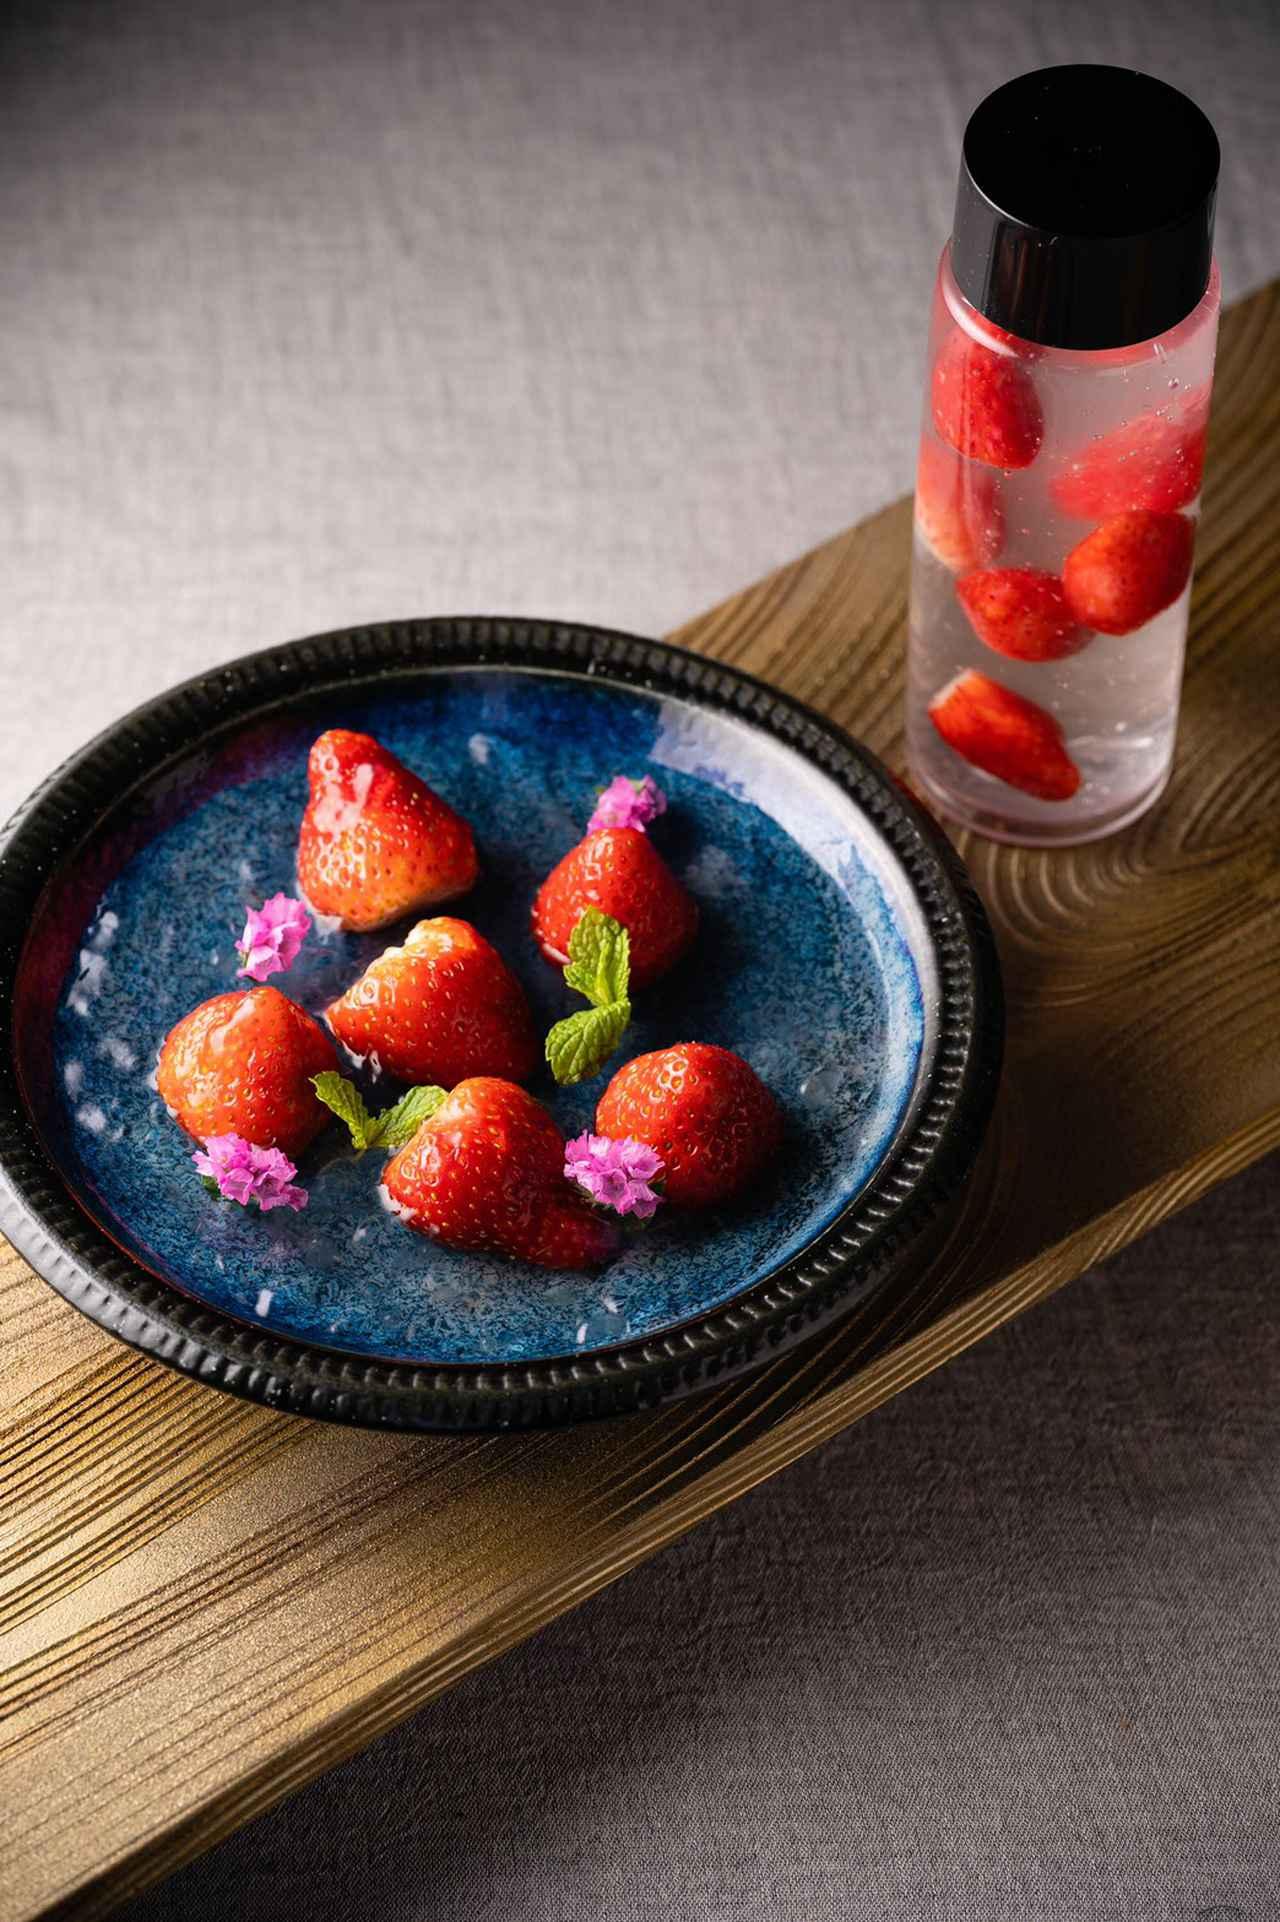 画像: 【硝子寒天】 日本の誇る四季折々のフルーツ本来の味をかんじられるように白葡萄がほのかに香る和風ゼリー。